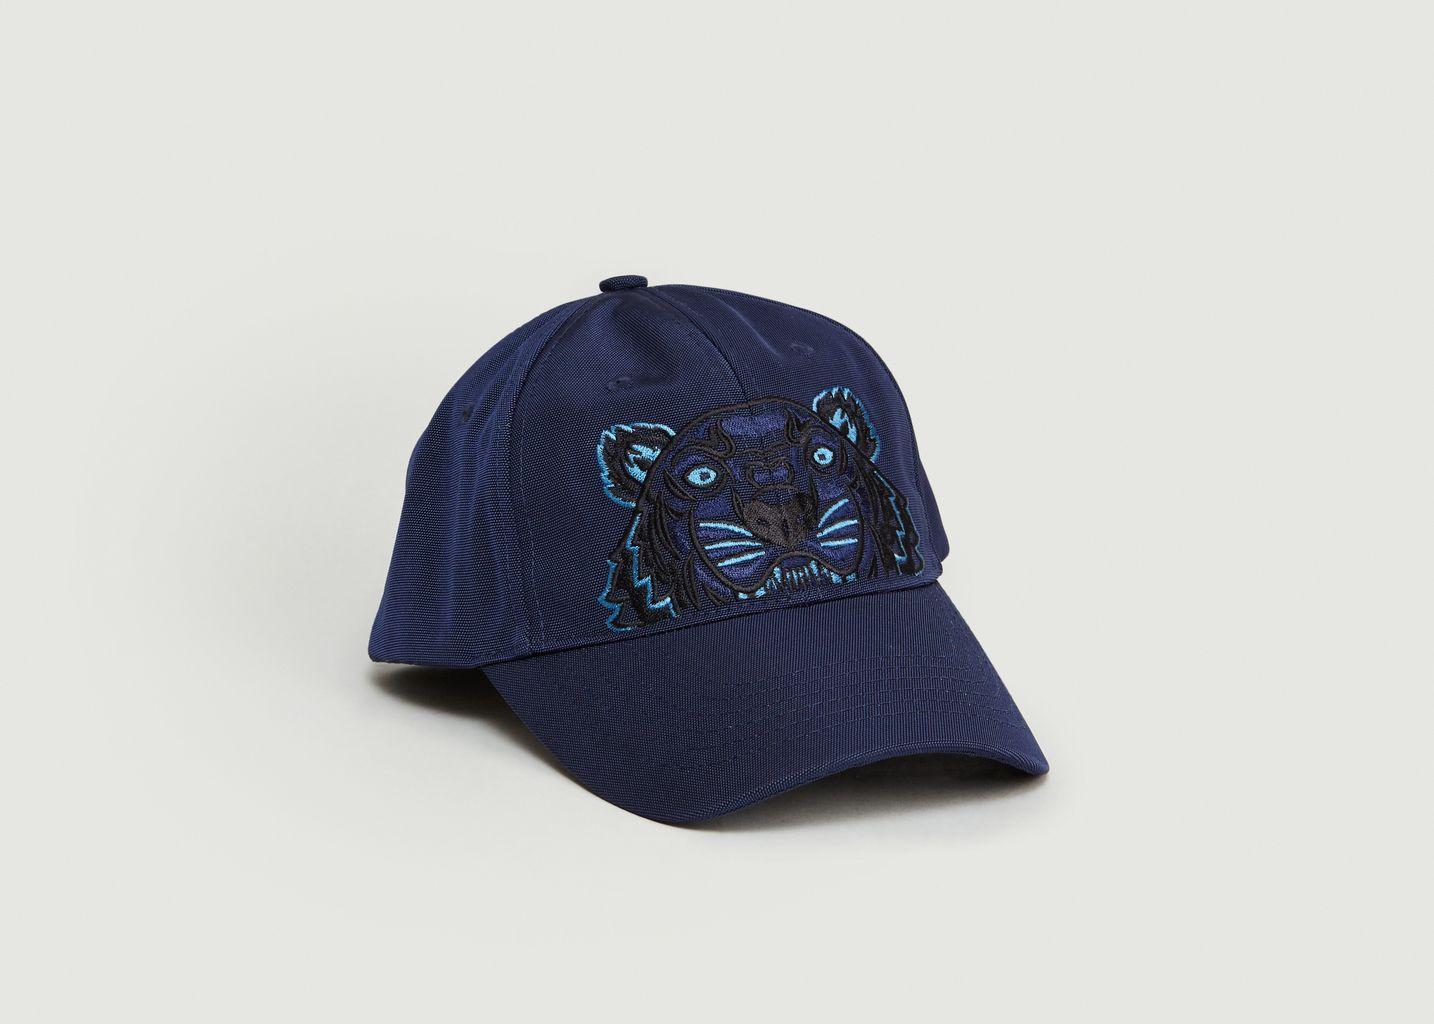 Casquette Canvas Tigre Bleu Marine Kenzo   L Exception 9ec32dd6959